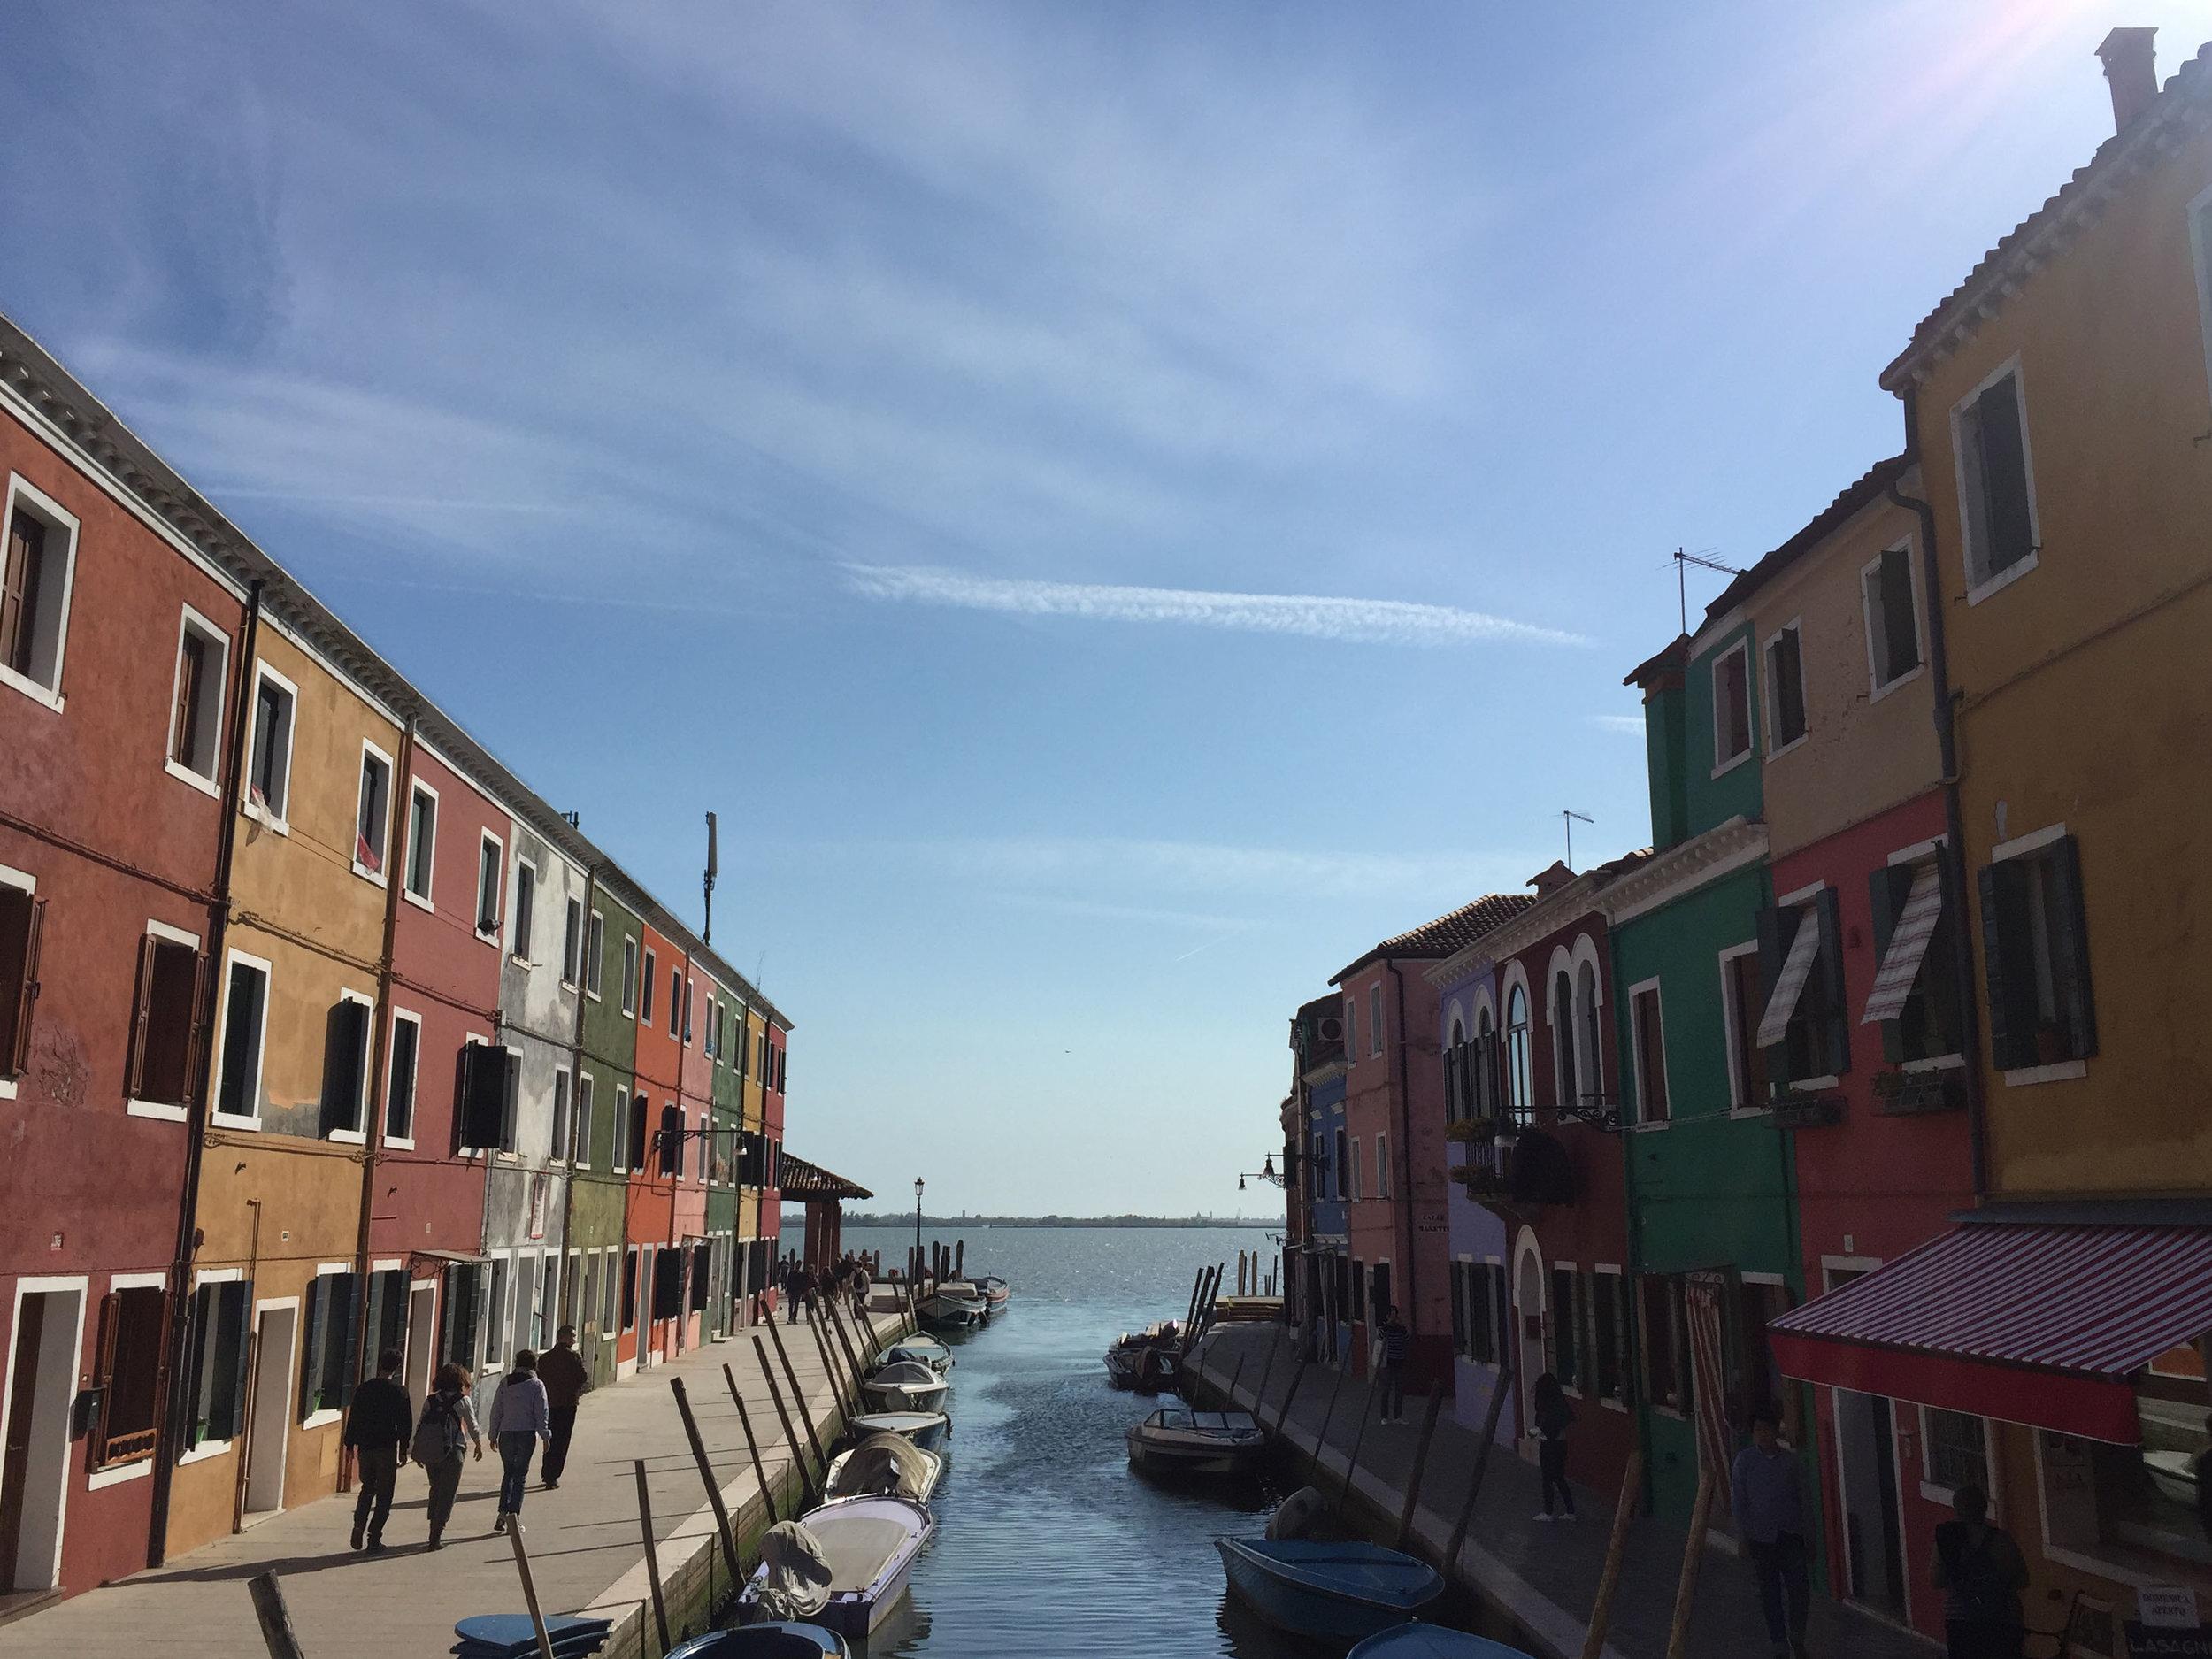 Murano, Venice, Italy, 2016.